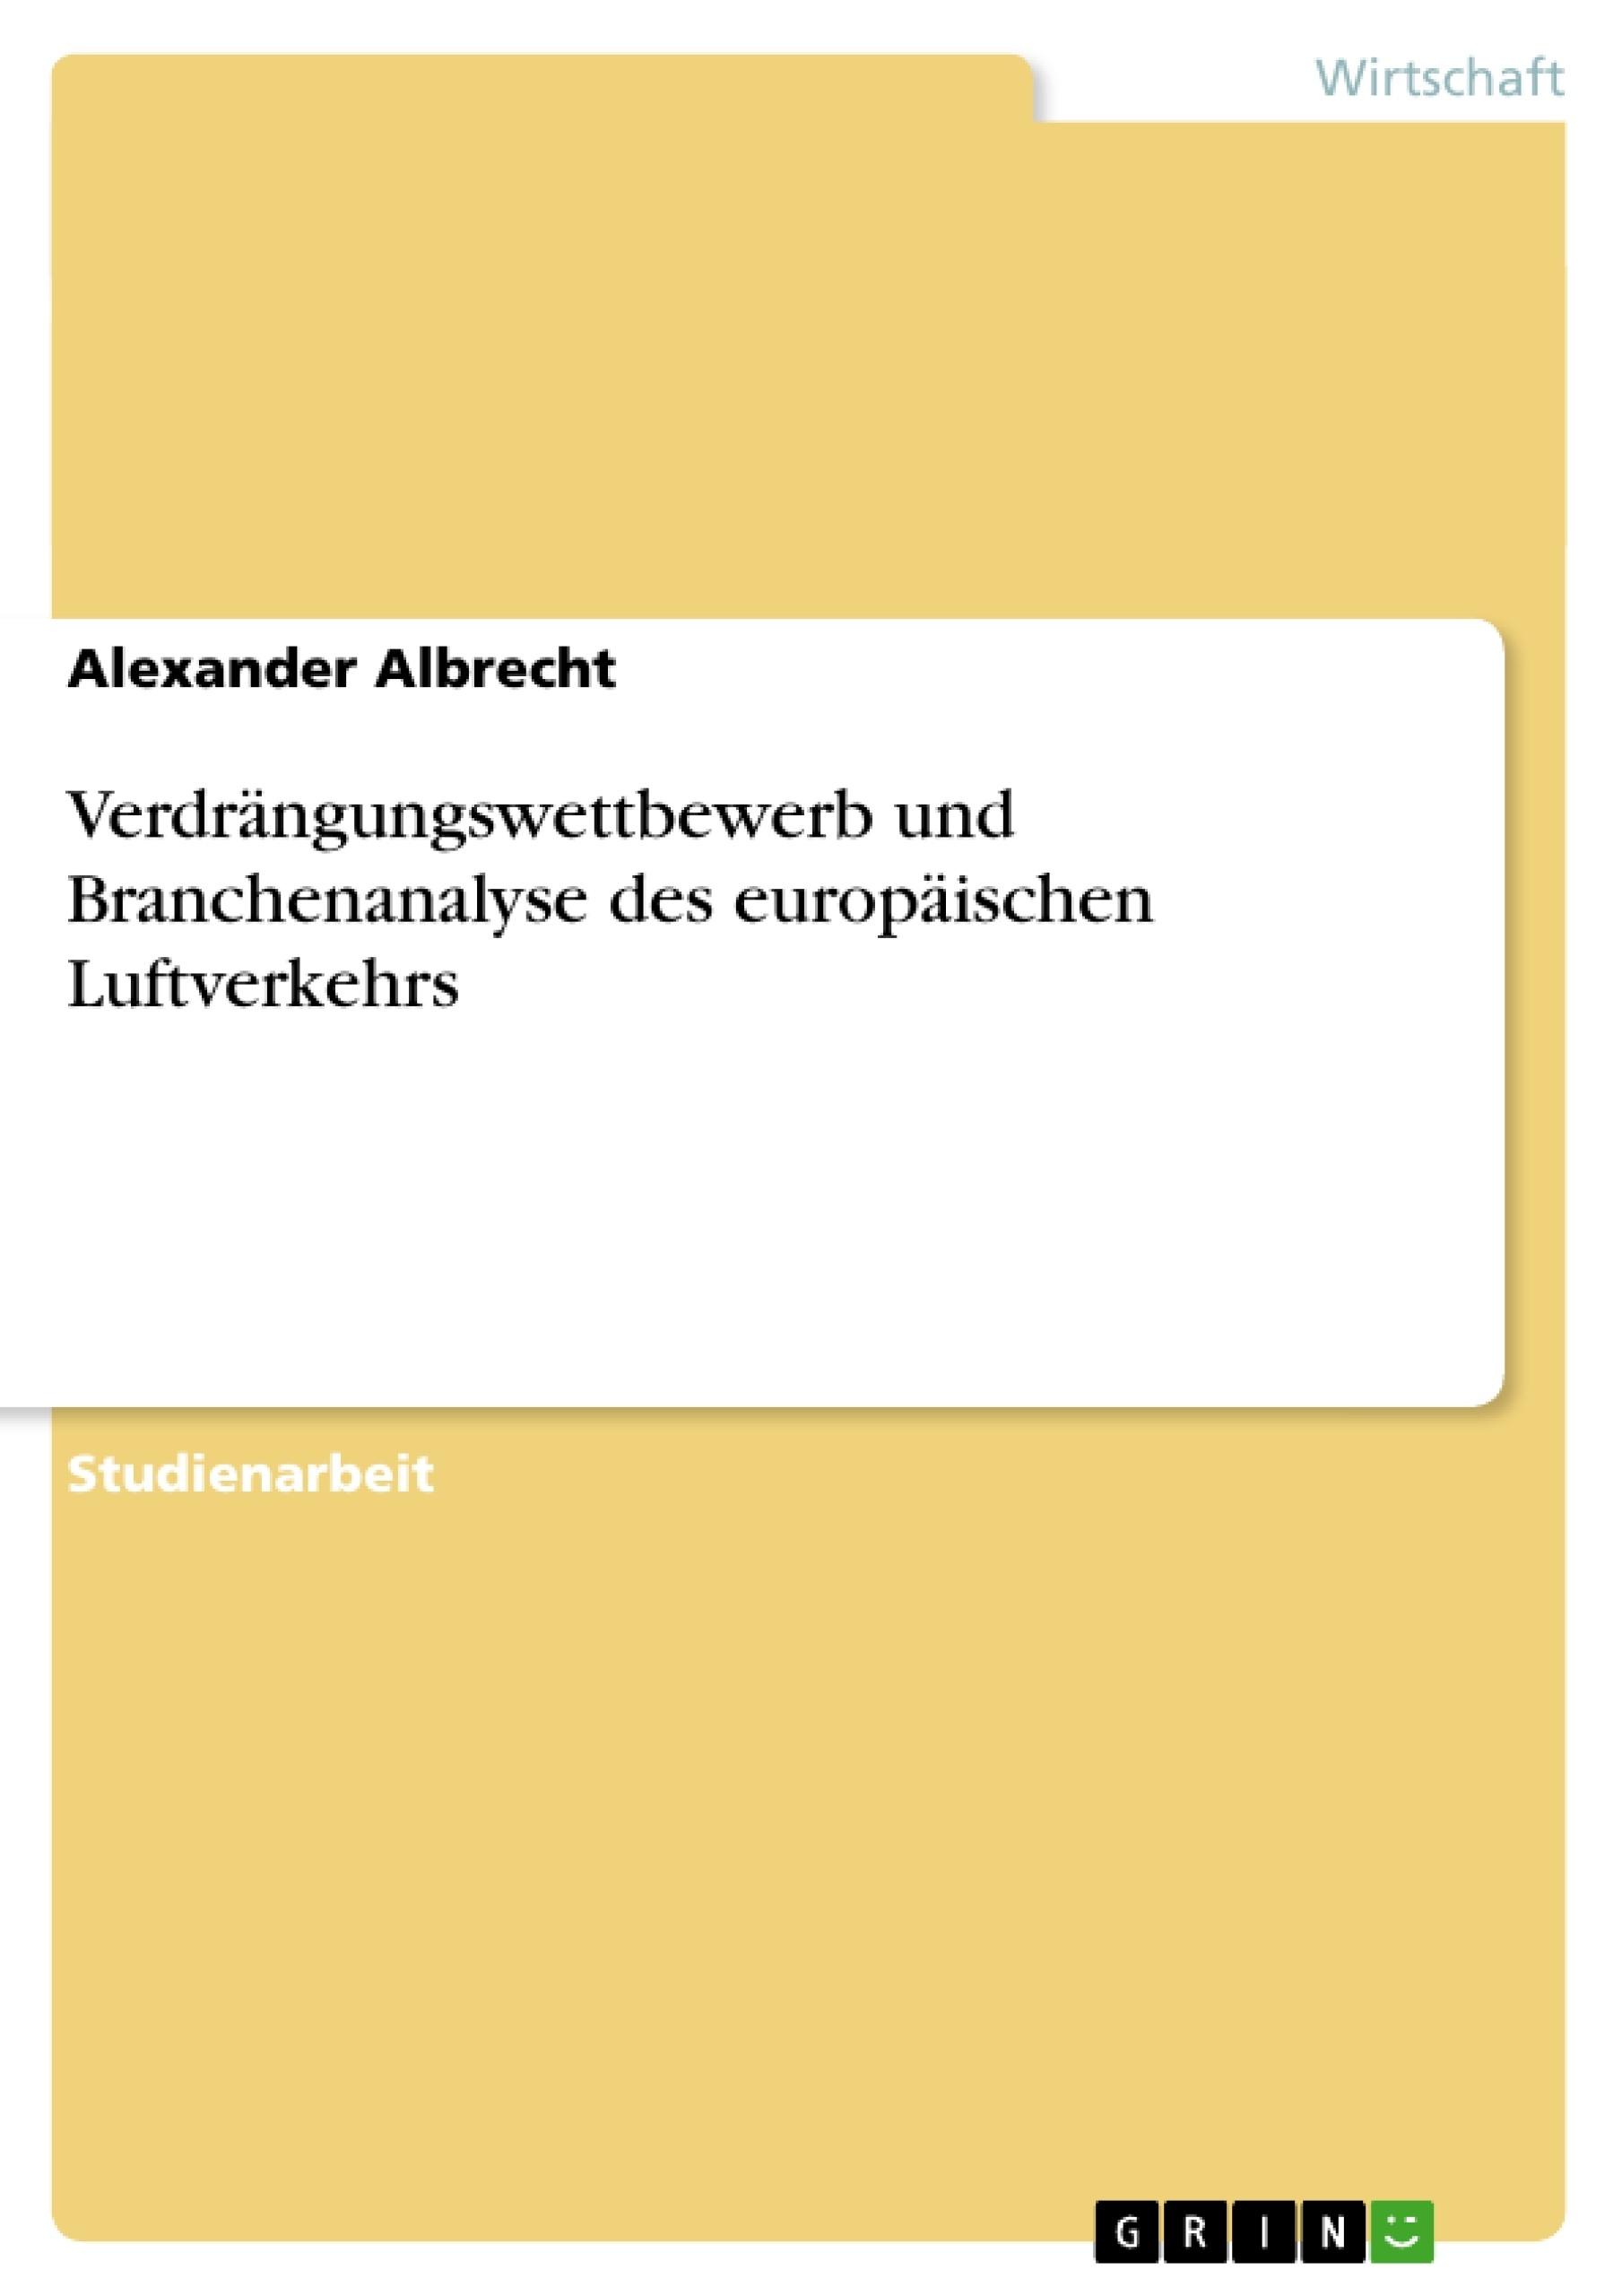 Titel: Verdrängungswettbewerb und Branchenanalyse des europäischen Luftverkehrs